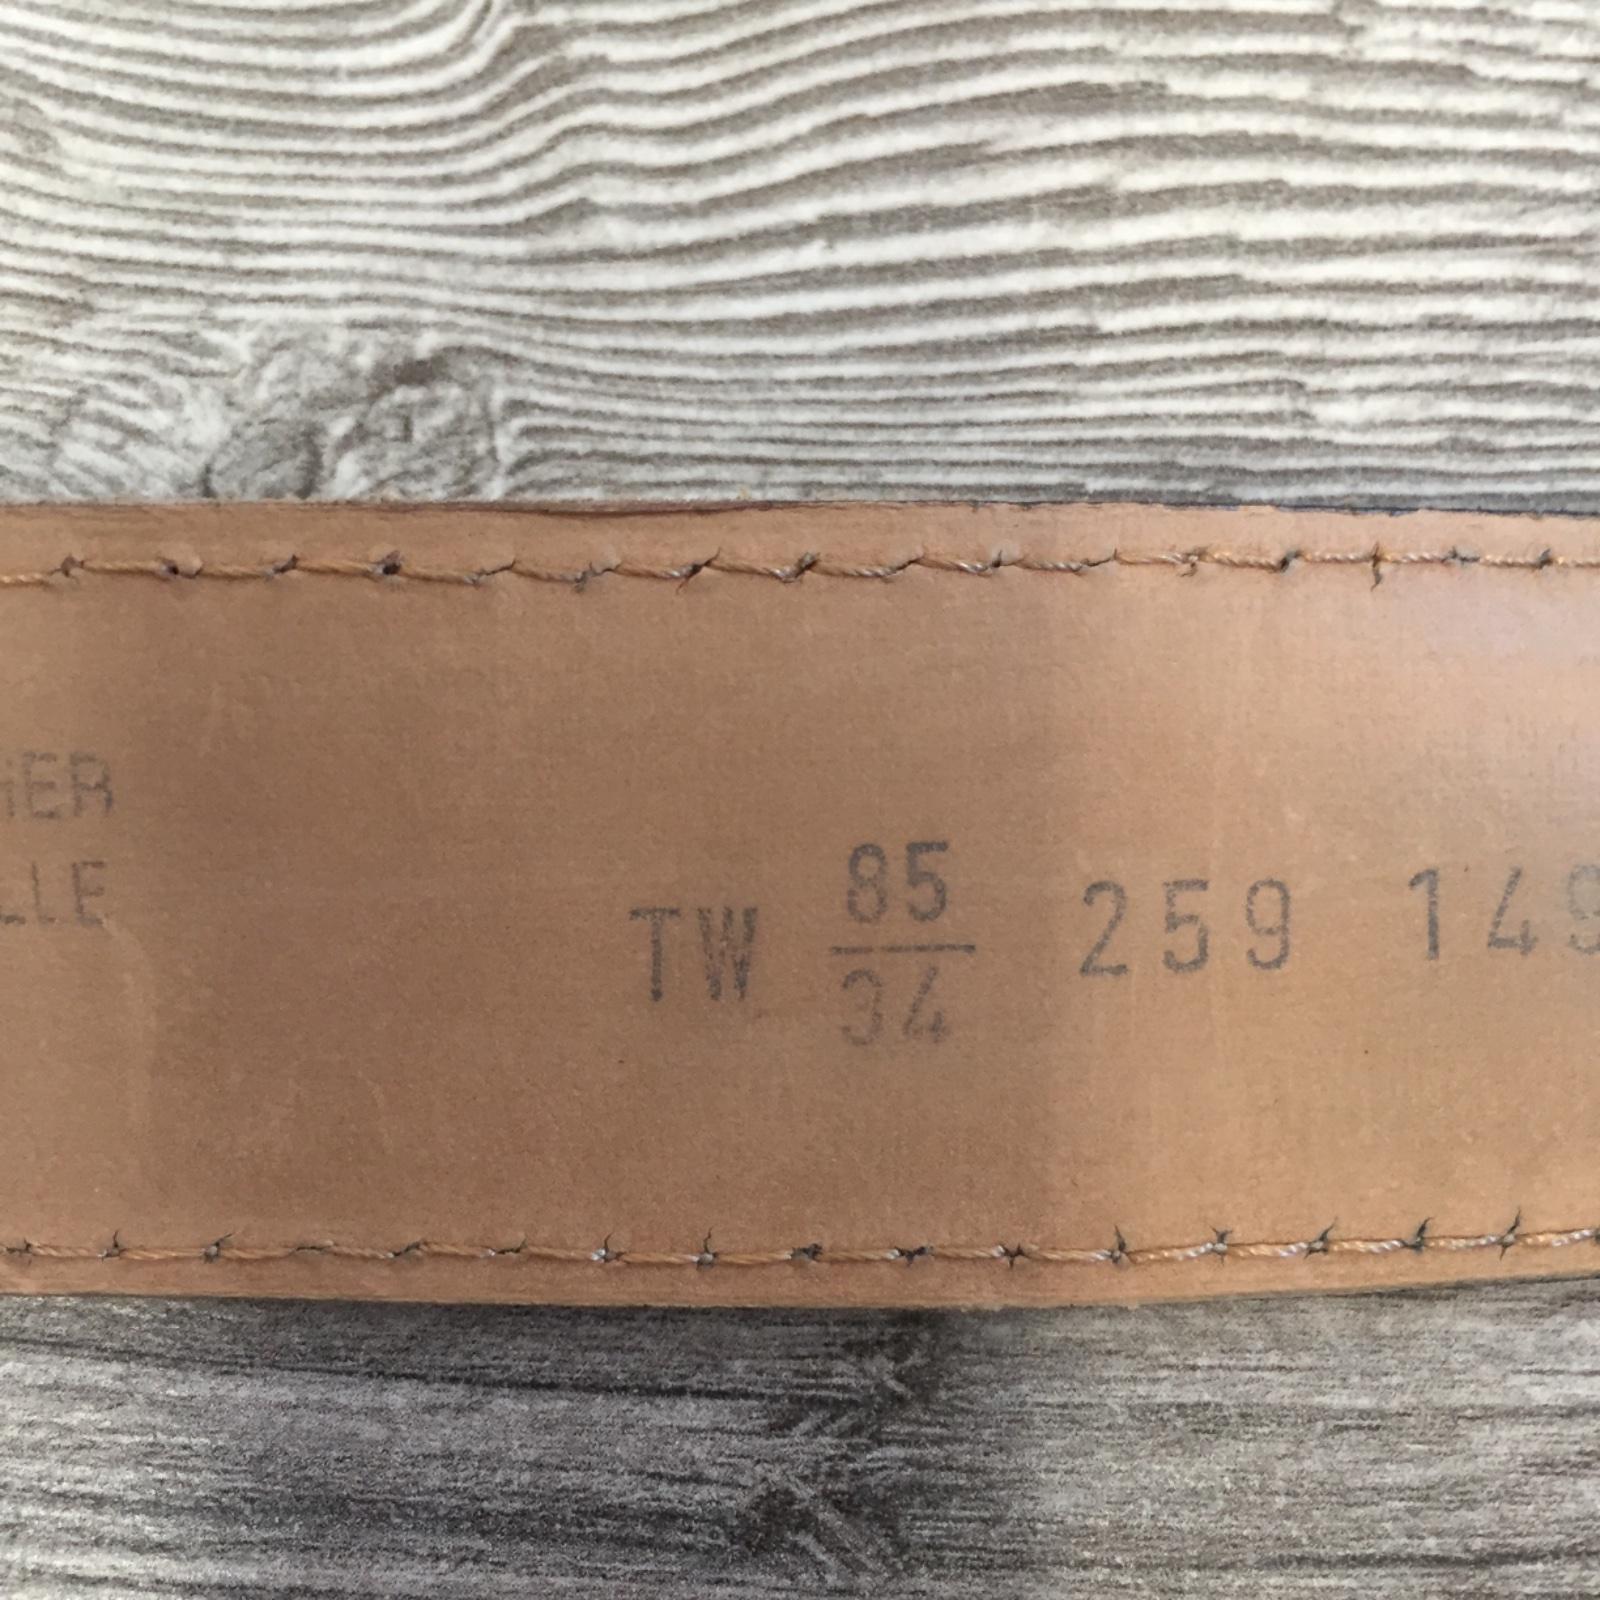 6be7ada6d Koženy opasok tom tailor, - 17 € od predávajúcej ikina177 | Detský ...